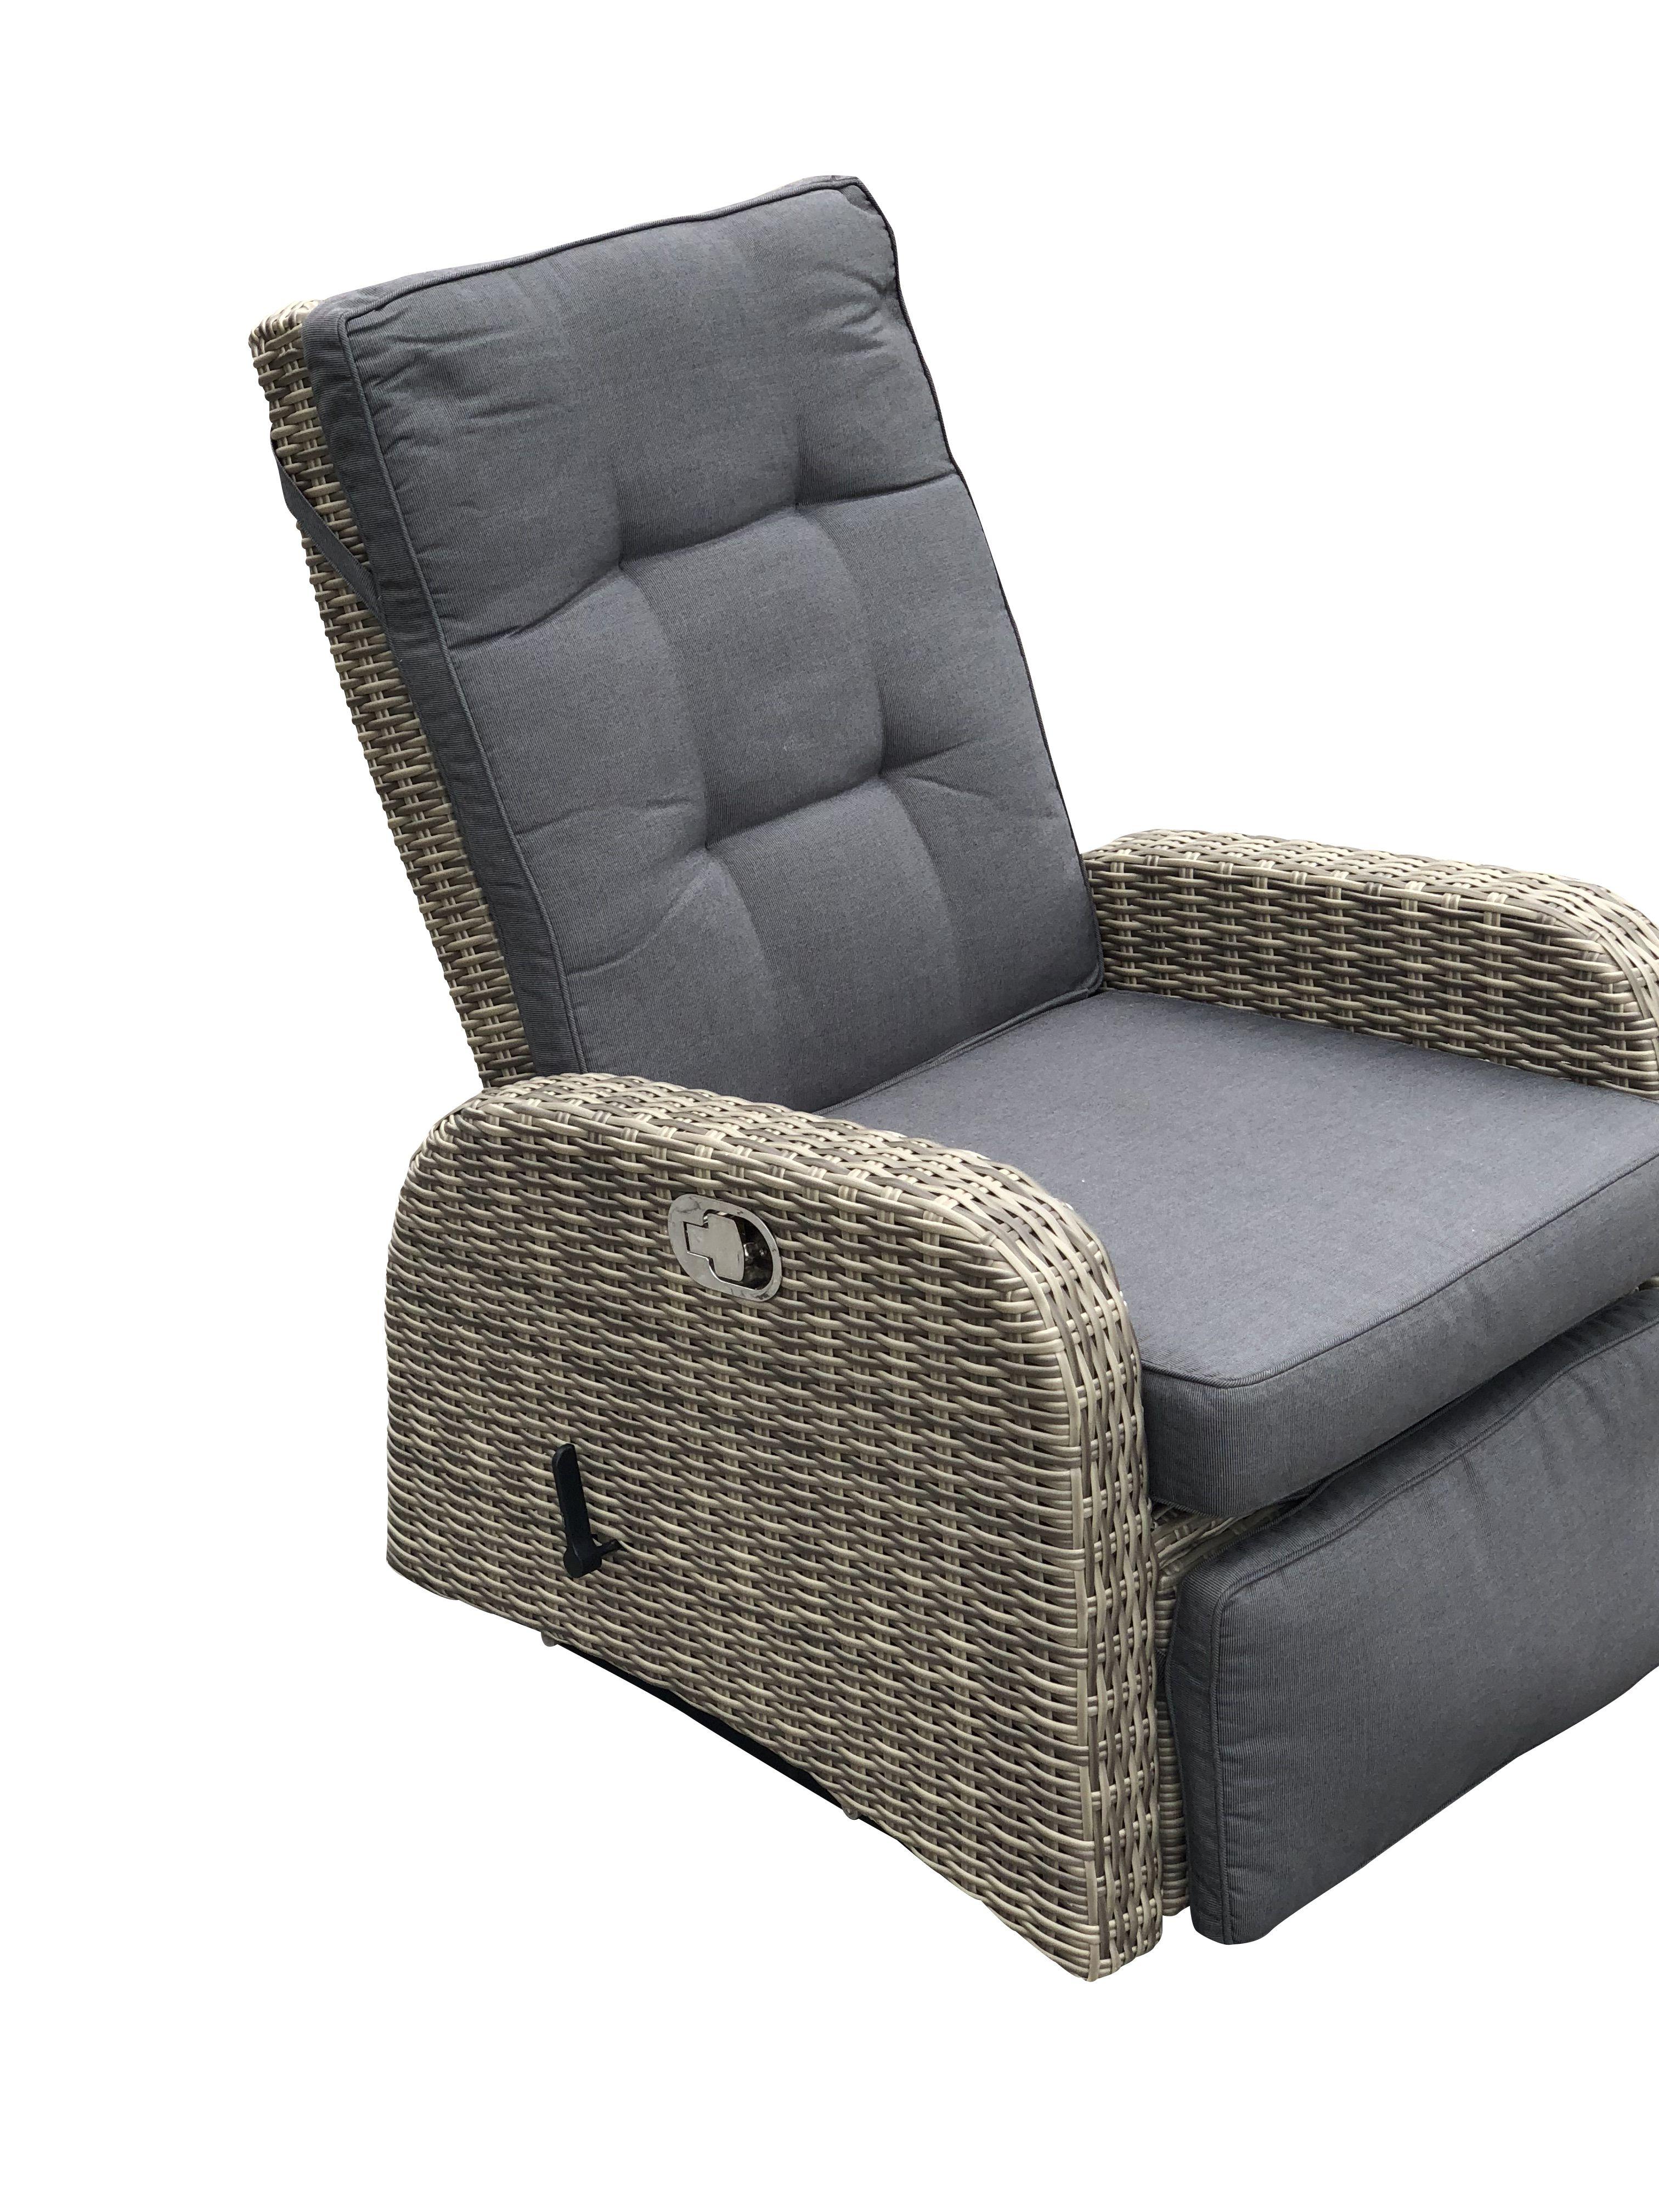 Faszinierend Sessel Mit Fußstütze Das Beste Von Vip Gartensessel Miami Fußstütze #gartensessel #gartenmöbel #polyrattan